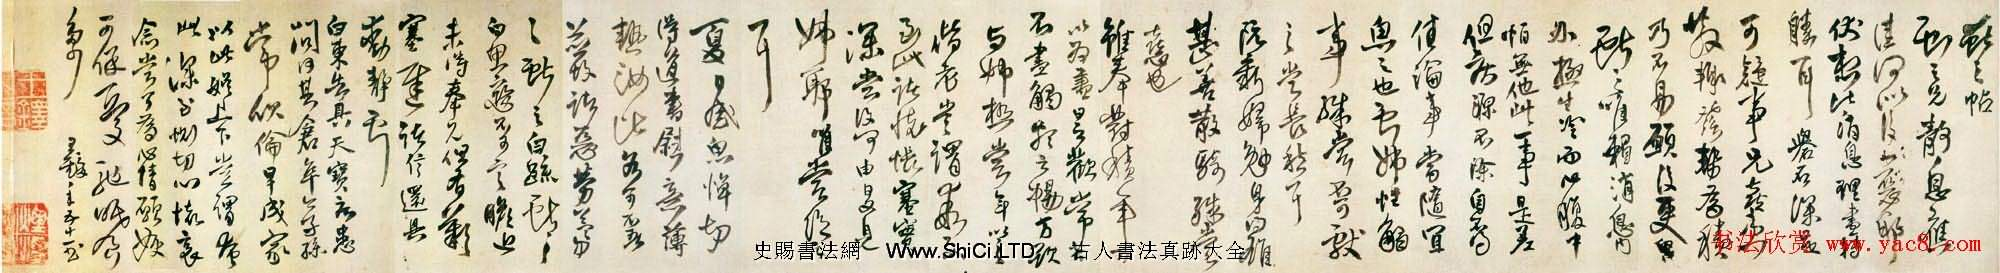 王鐸書法賞析字帖《草書臨閣帖卷》(共12張圖片)